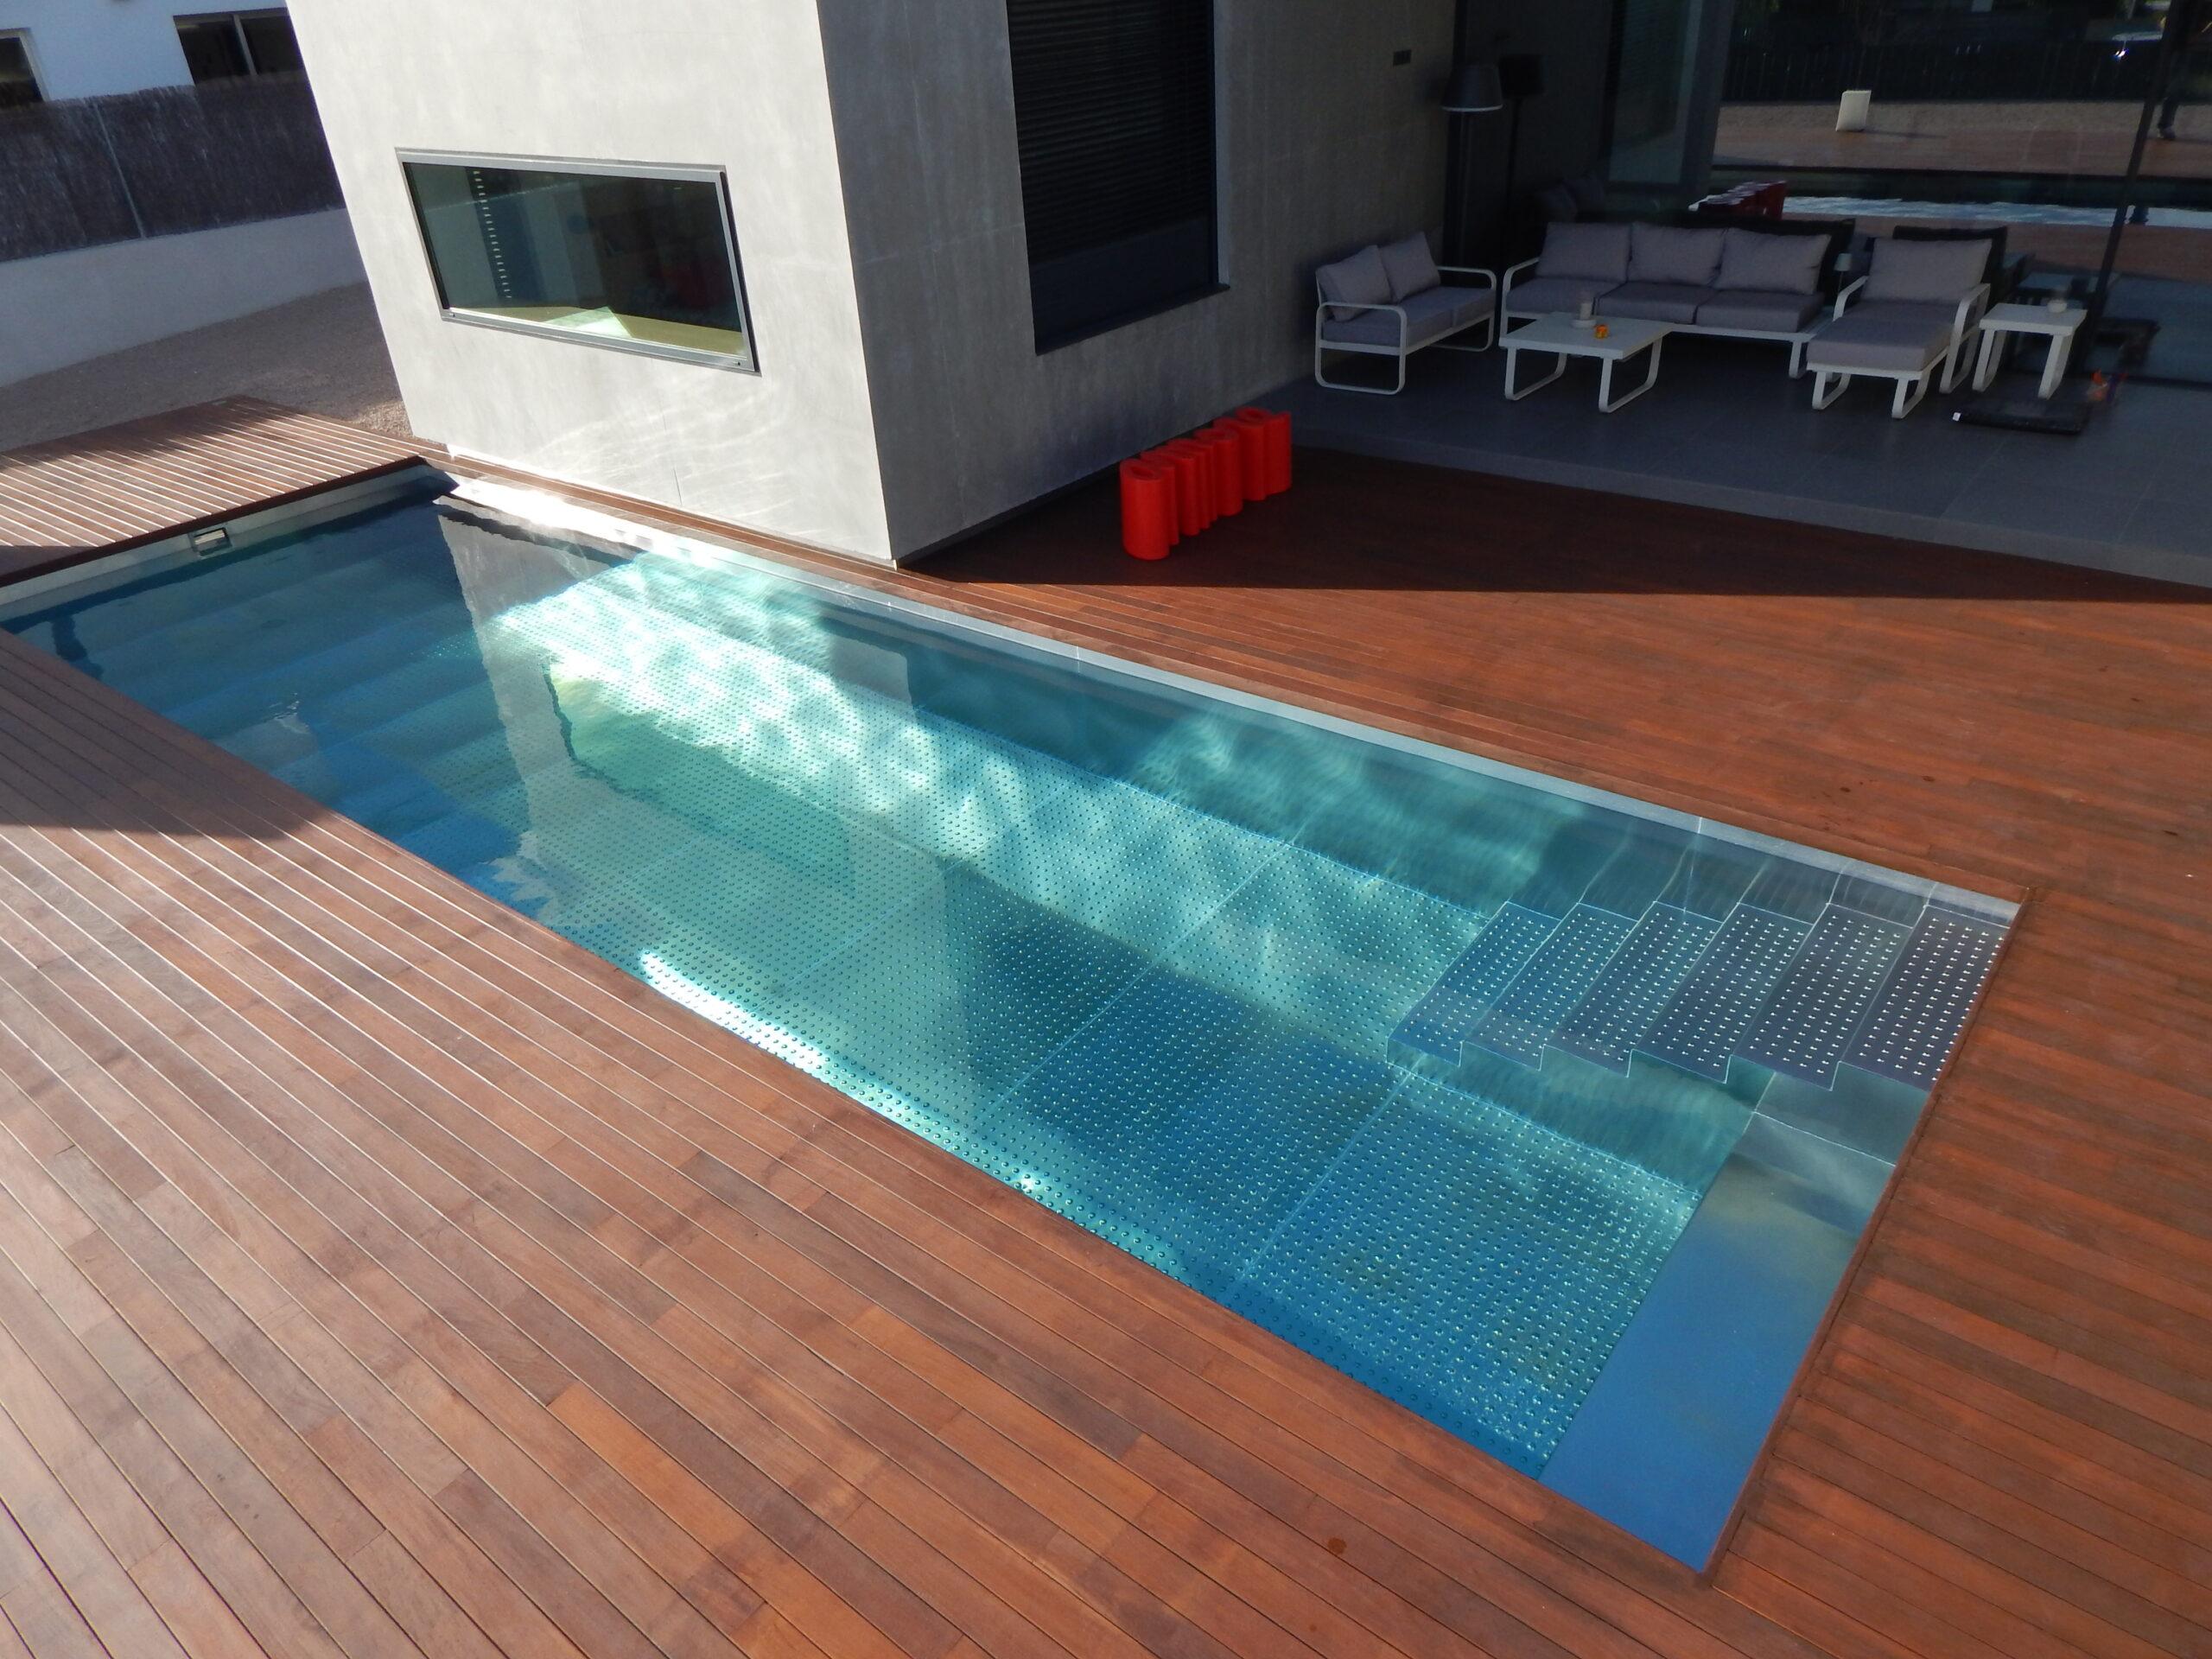 piscina-de-acero-inoxidable-skimmer-678